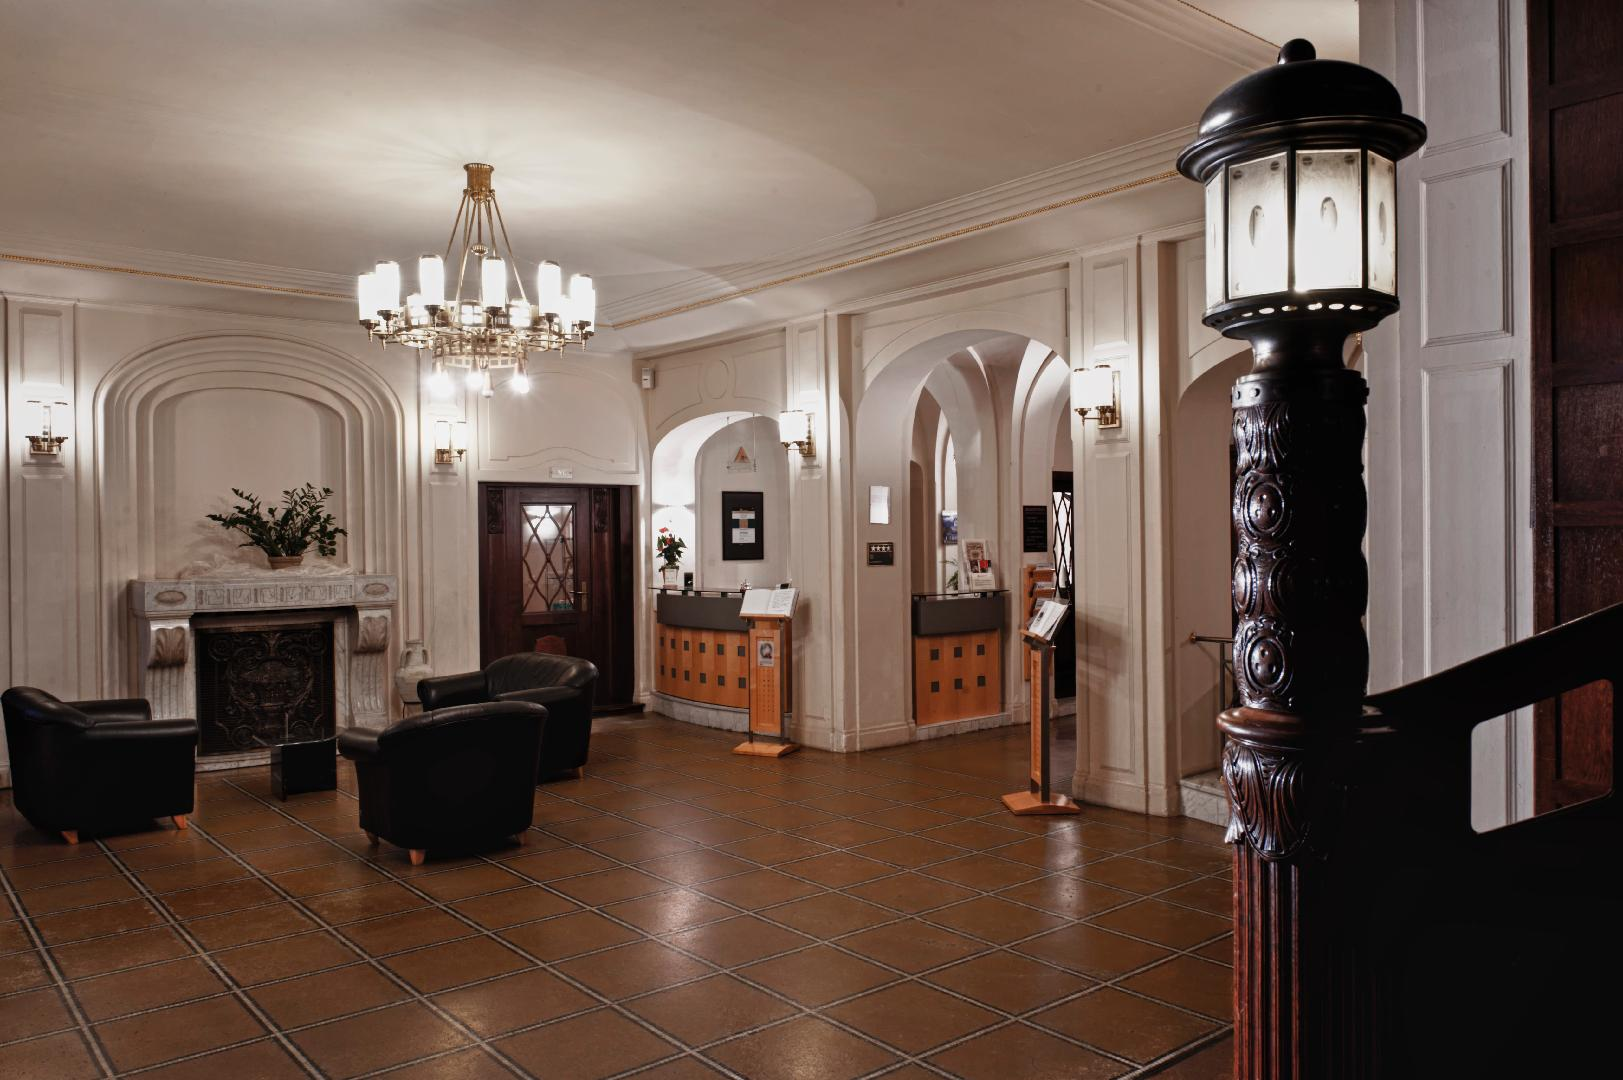 Bild 2 von Hotel Schloss Schweinsburg - Schloss in Neukirchen (Pleiße)